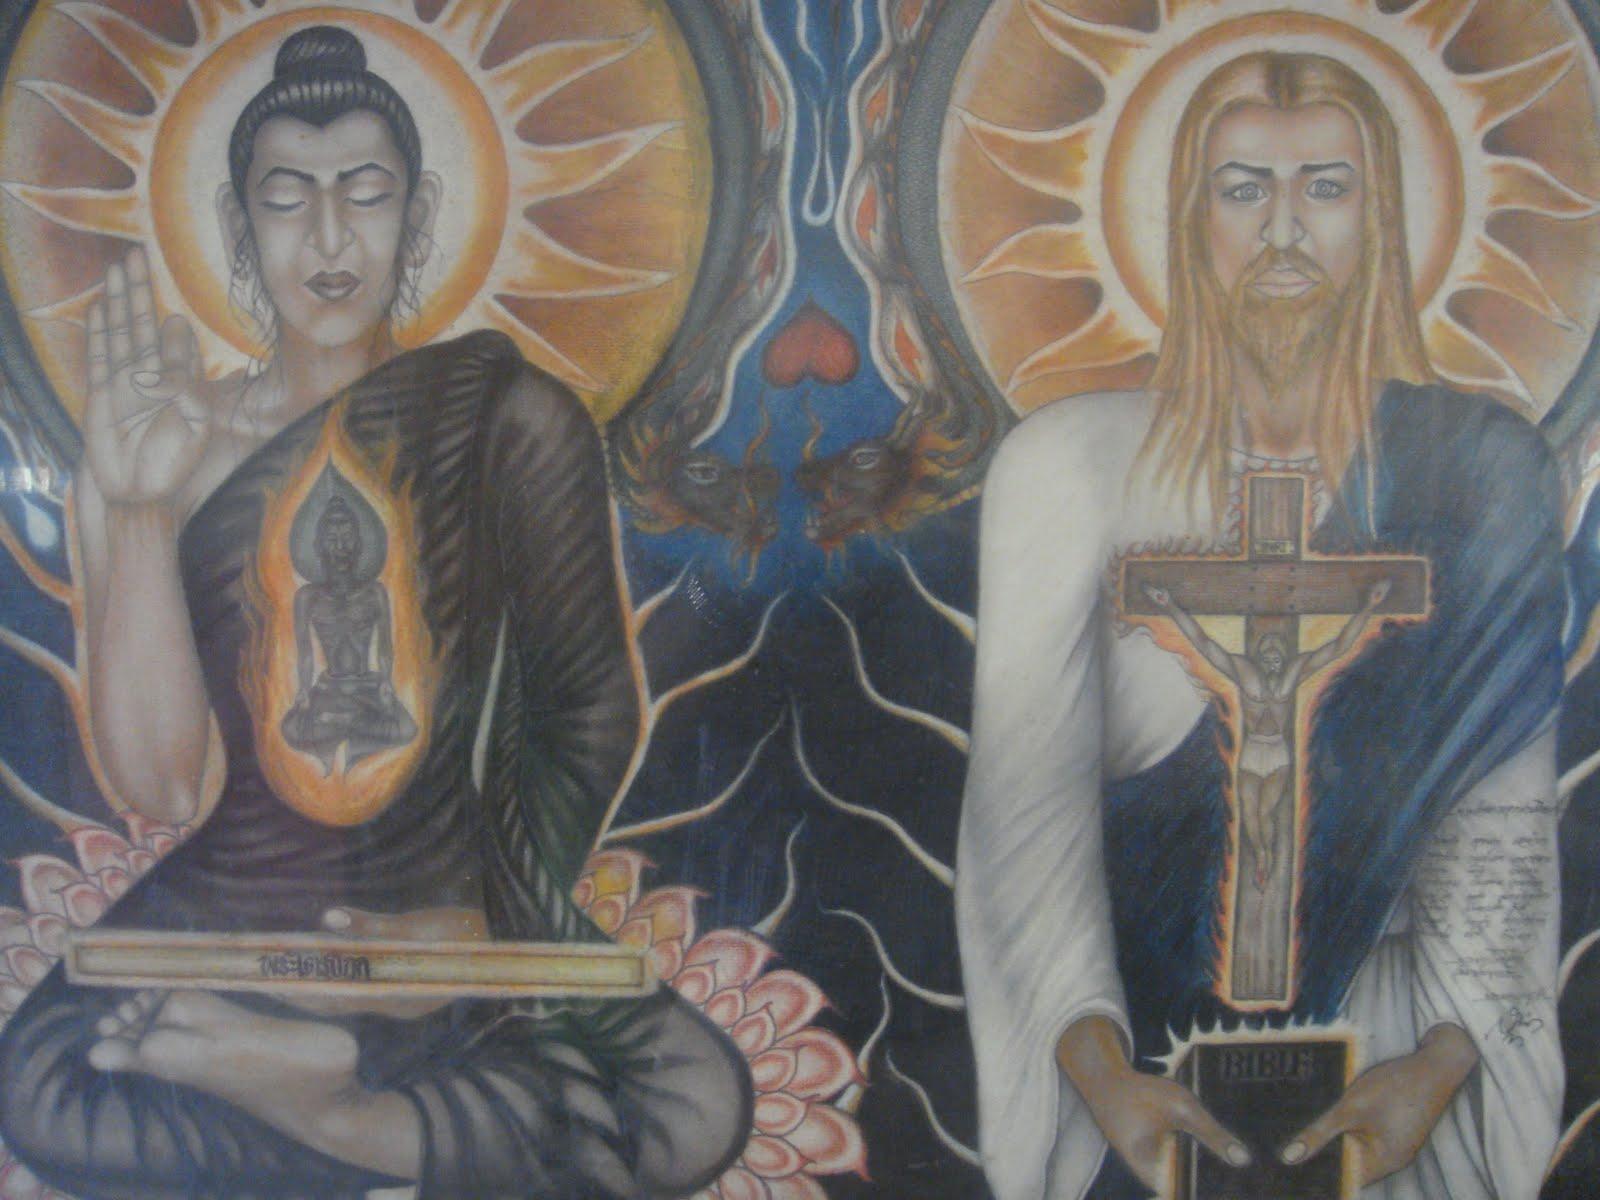 Por qué el Cristianismo tiene Diferencias insalvables con el Budismo